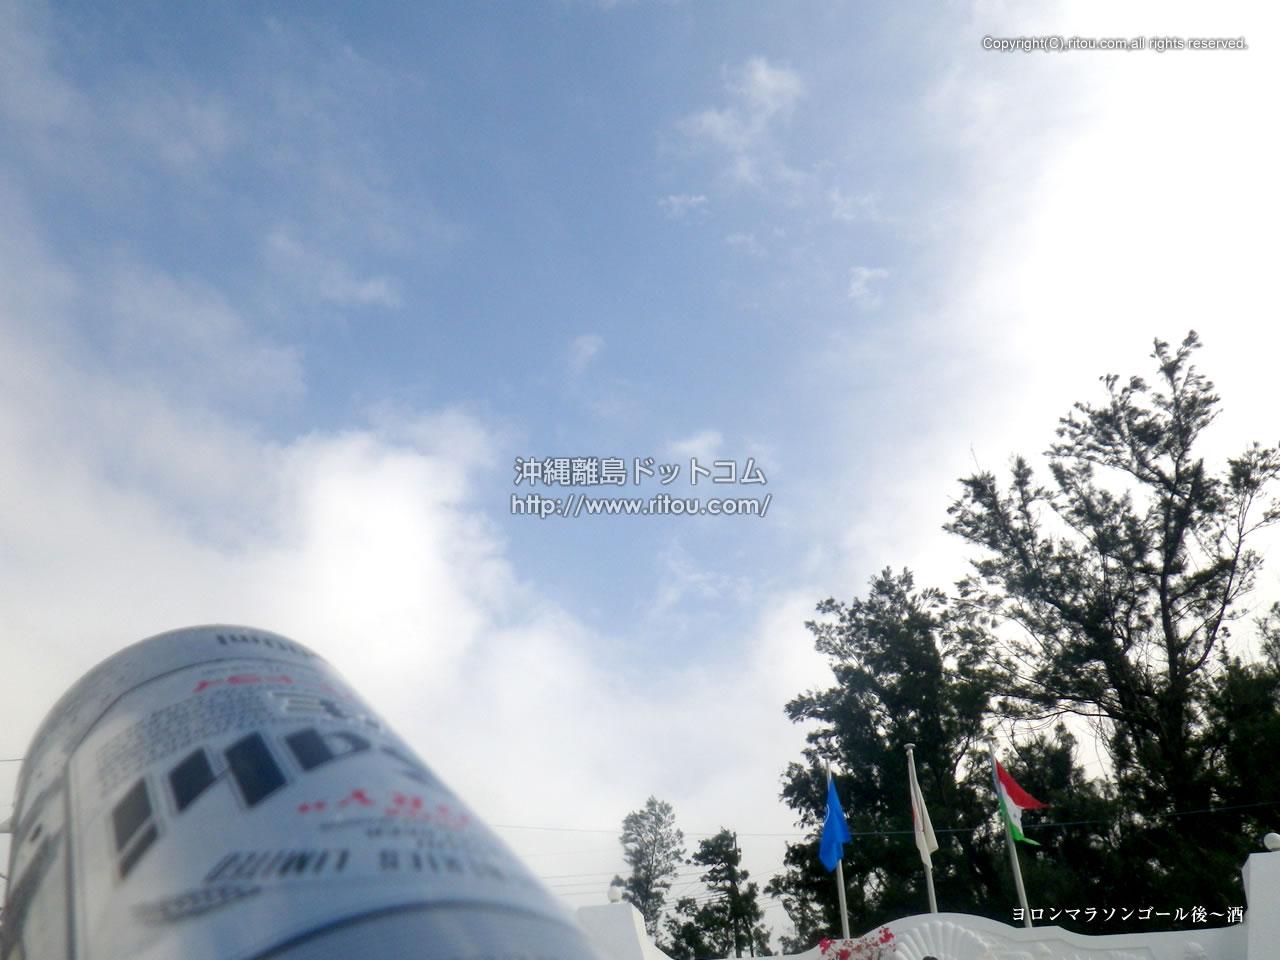 ヨロンマラソンゴール後〜酒